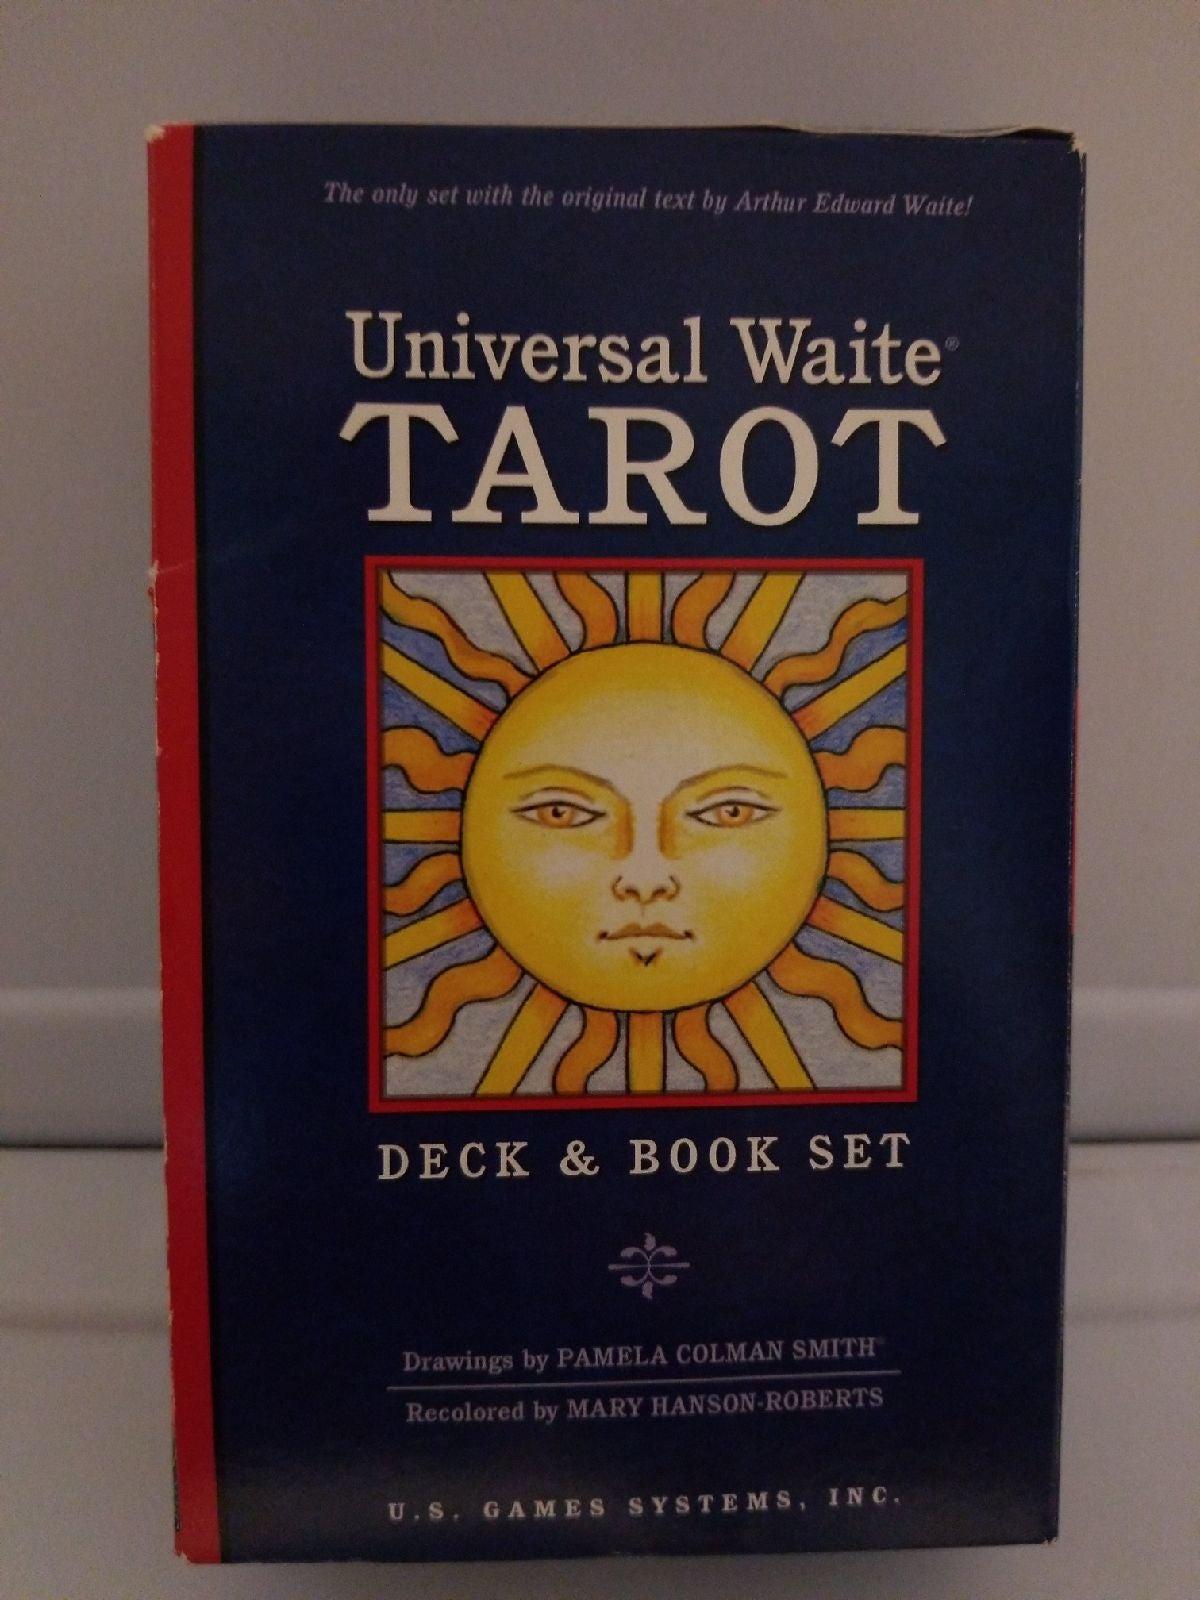 Universal Waite Tarot Deck & Book Set